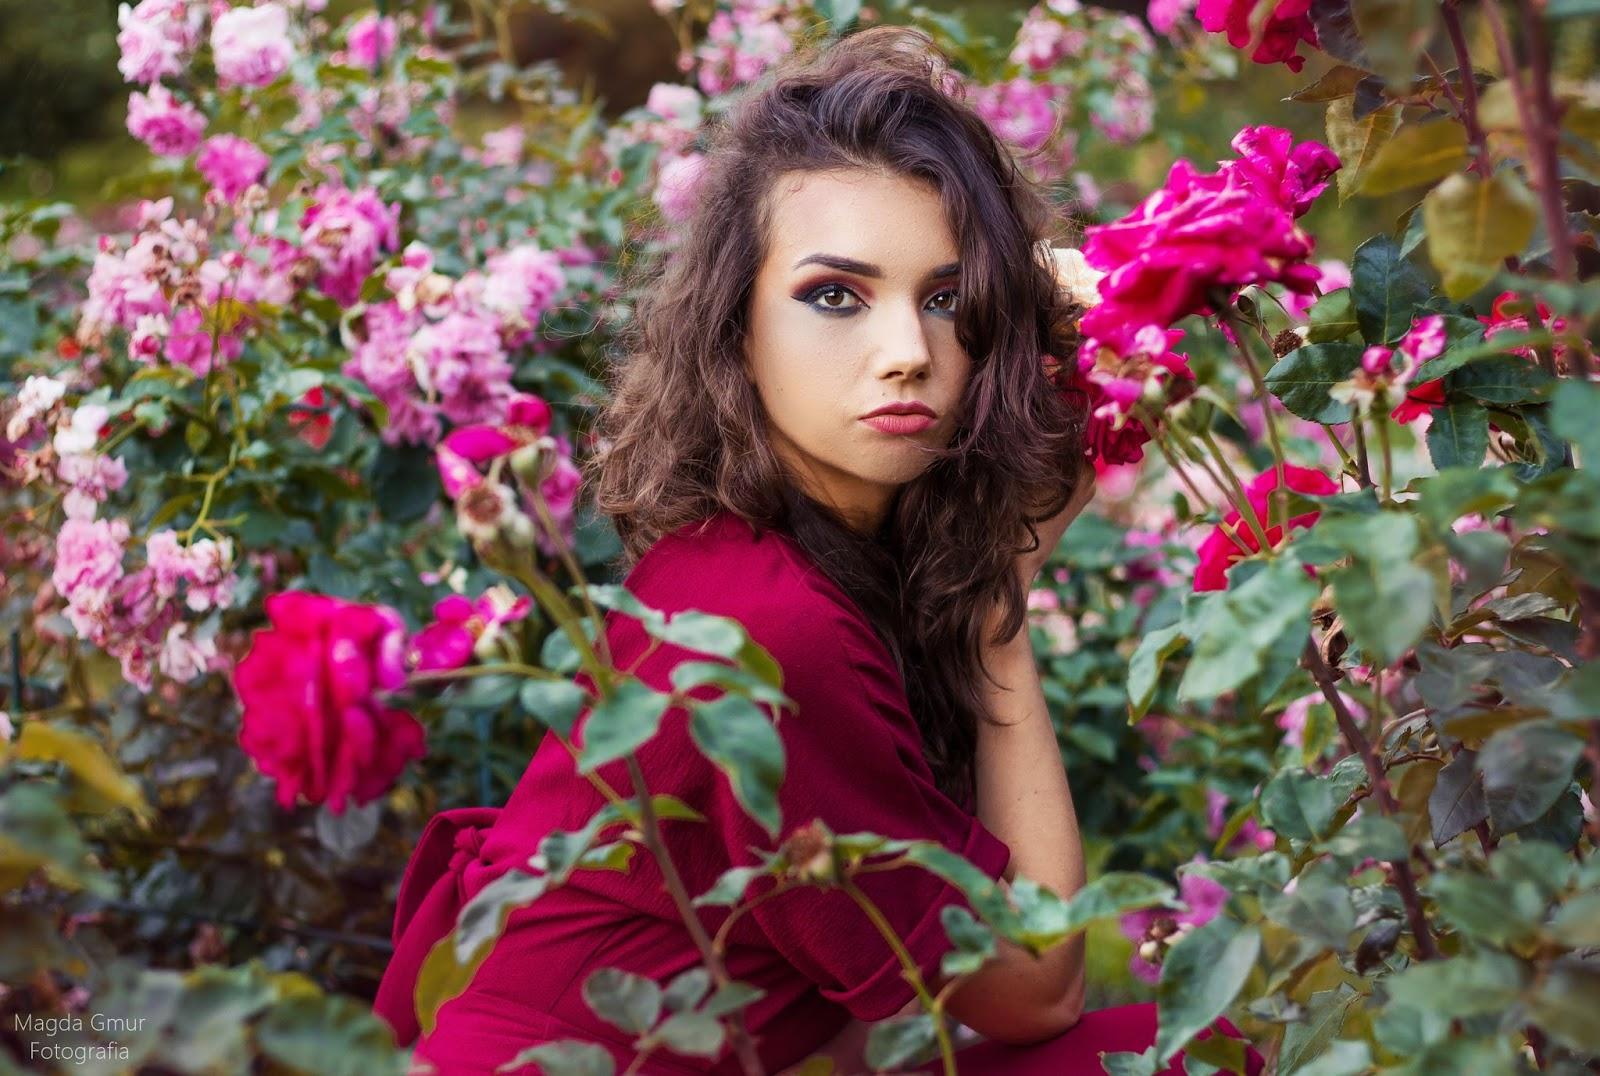 Sesja w różach, róże, ogród umcs, lublin, sesja zdjęciowa, ogród botaniczny